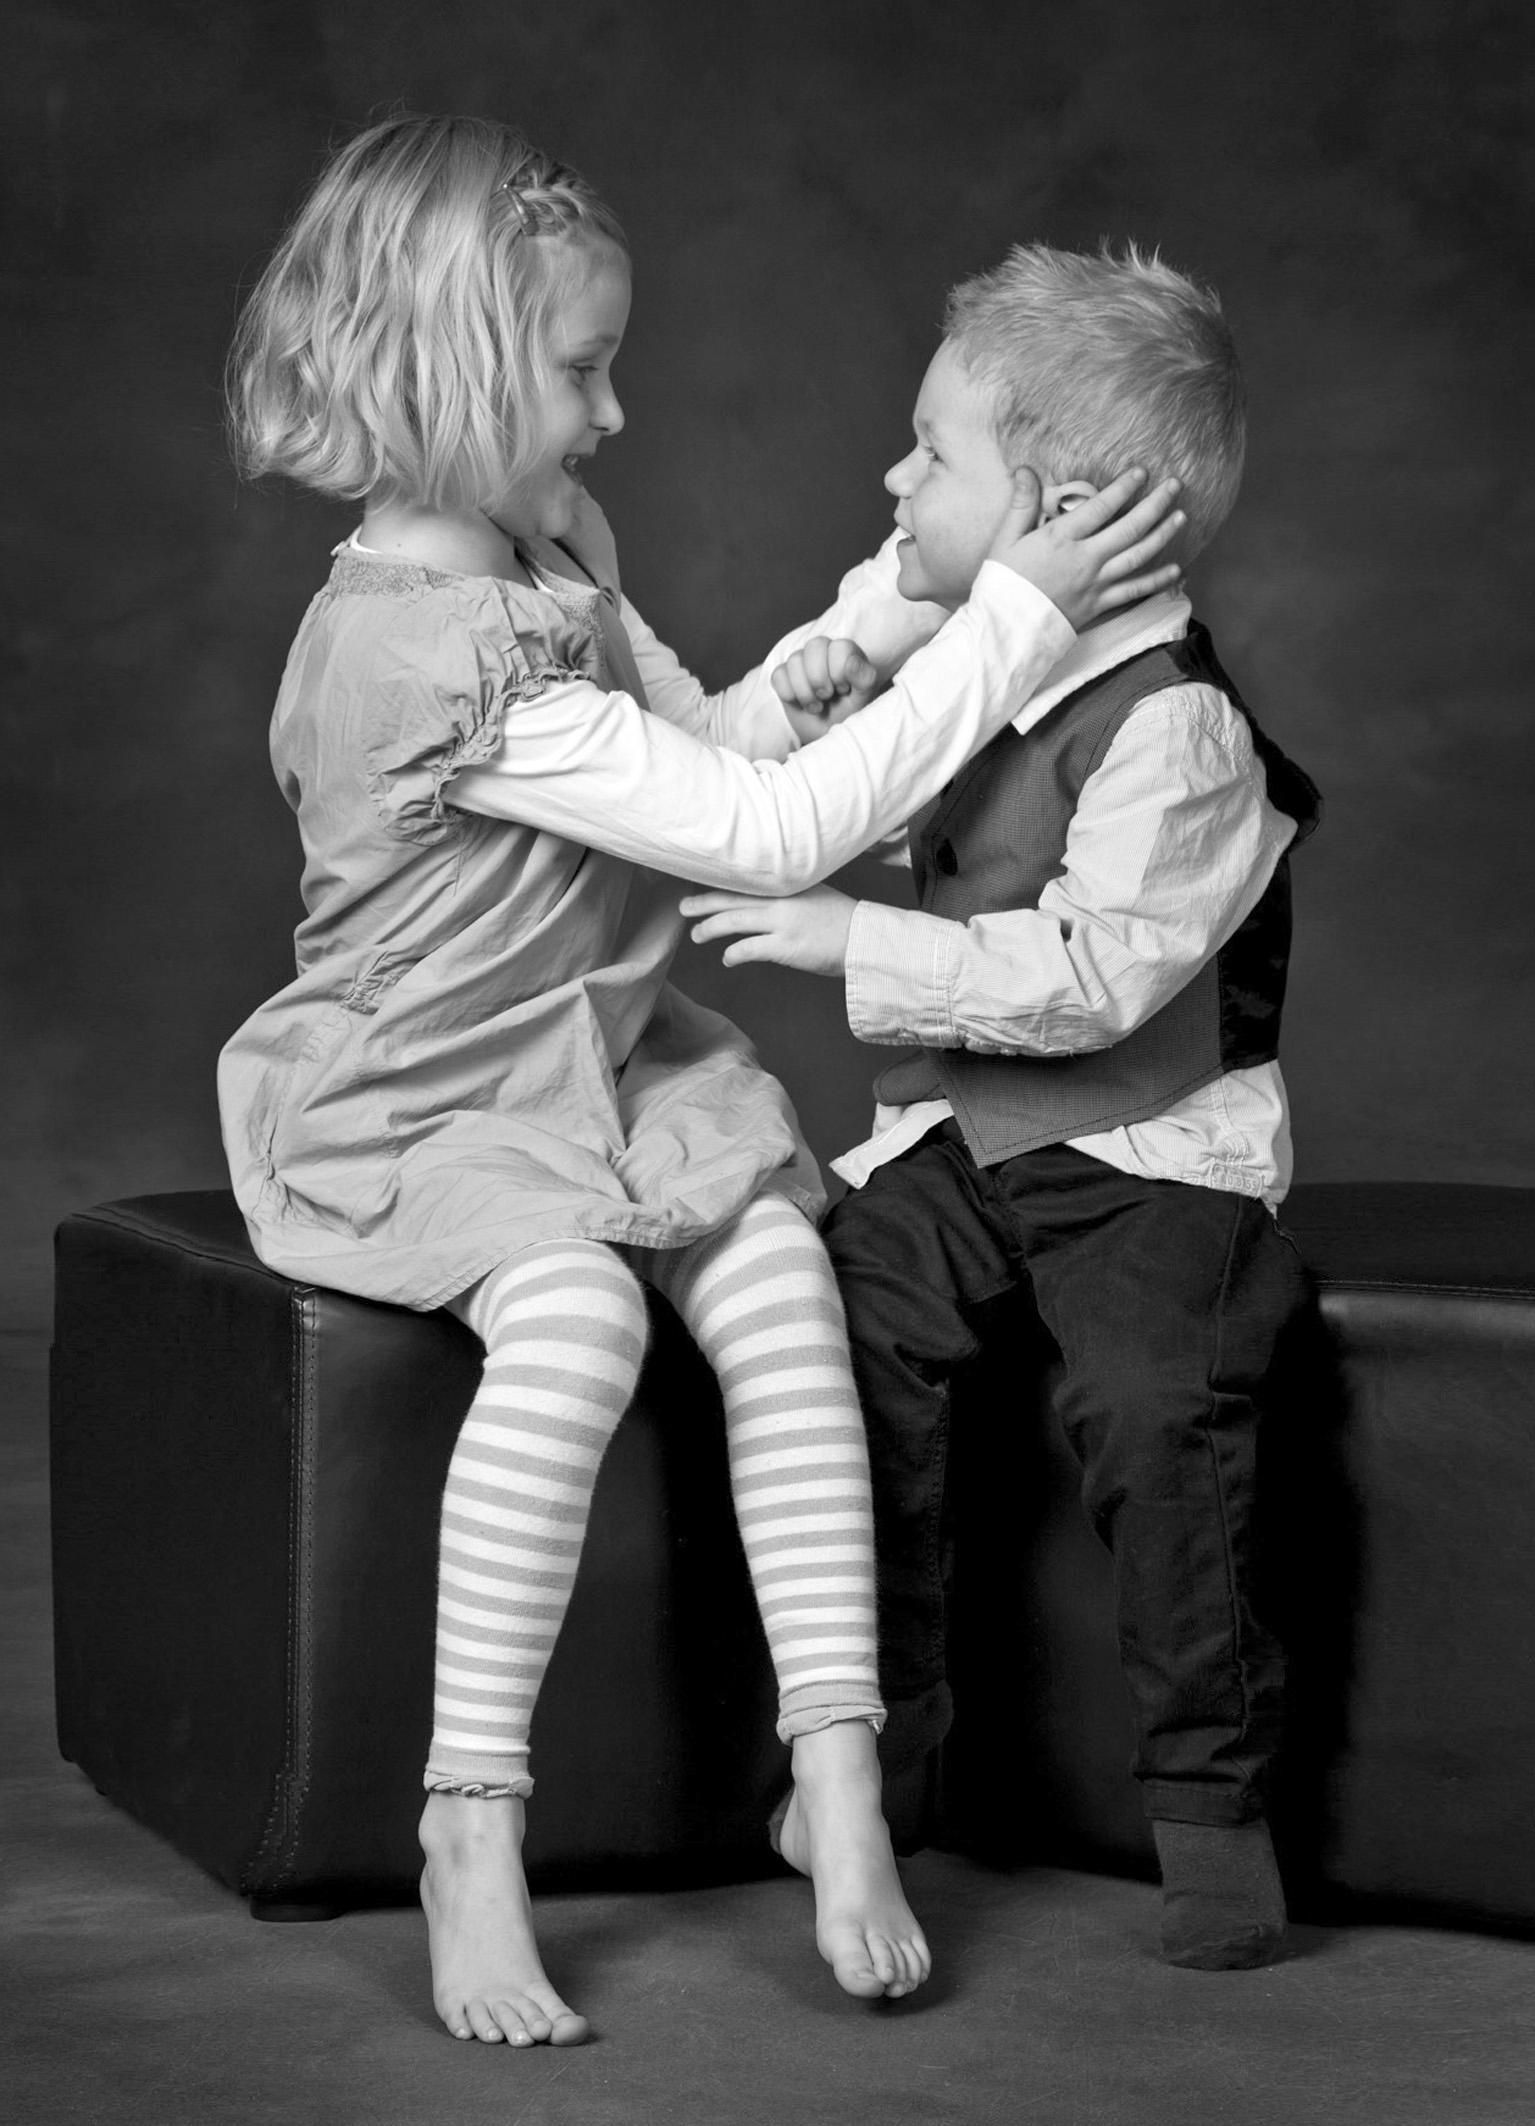 Børnefotograf - Dreng Og Pige